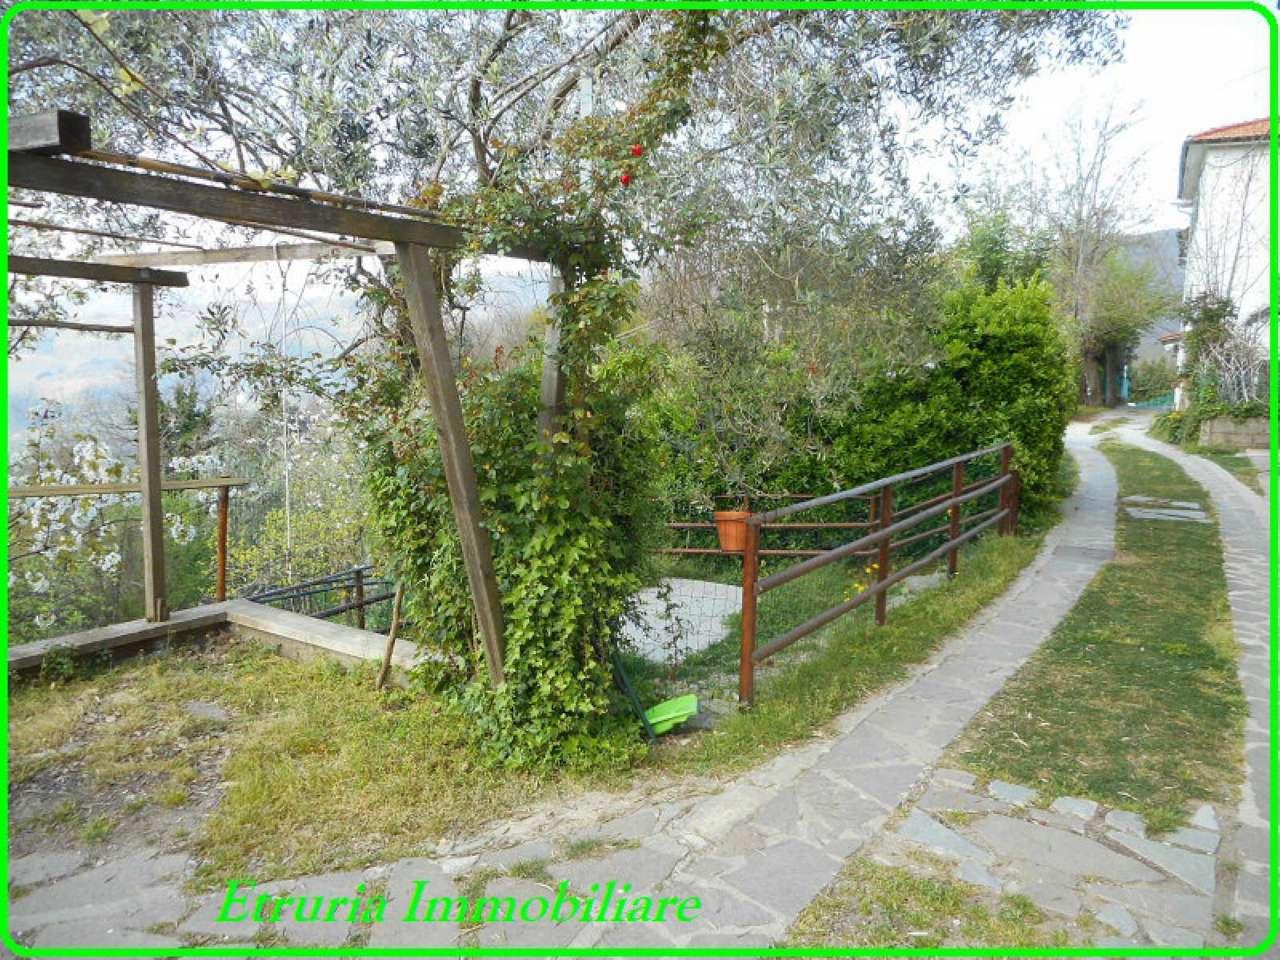 Soluzione Indipendente in vendita a Pistoia, 5 locali, prezzo € 115.000 | CambioCasa.it